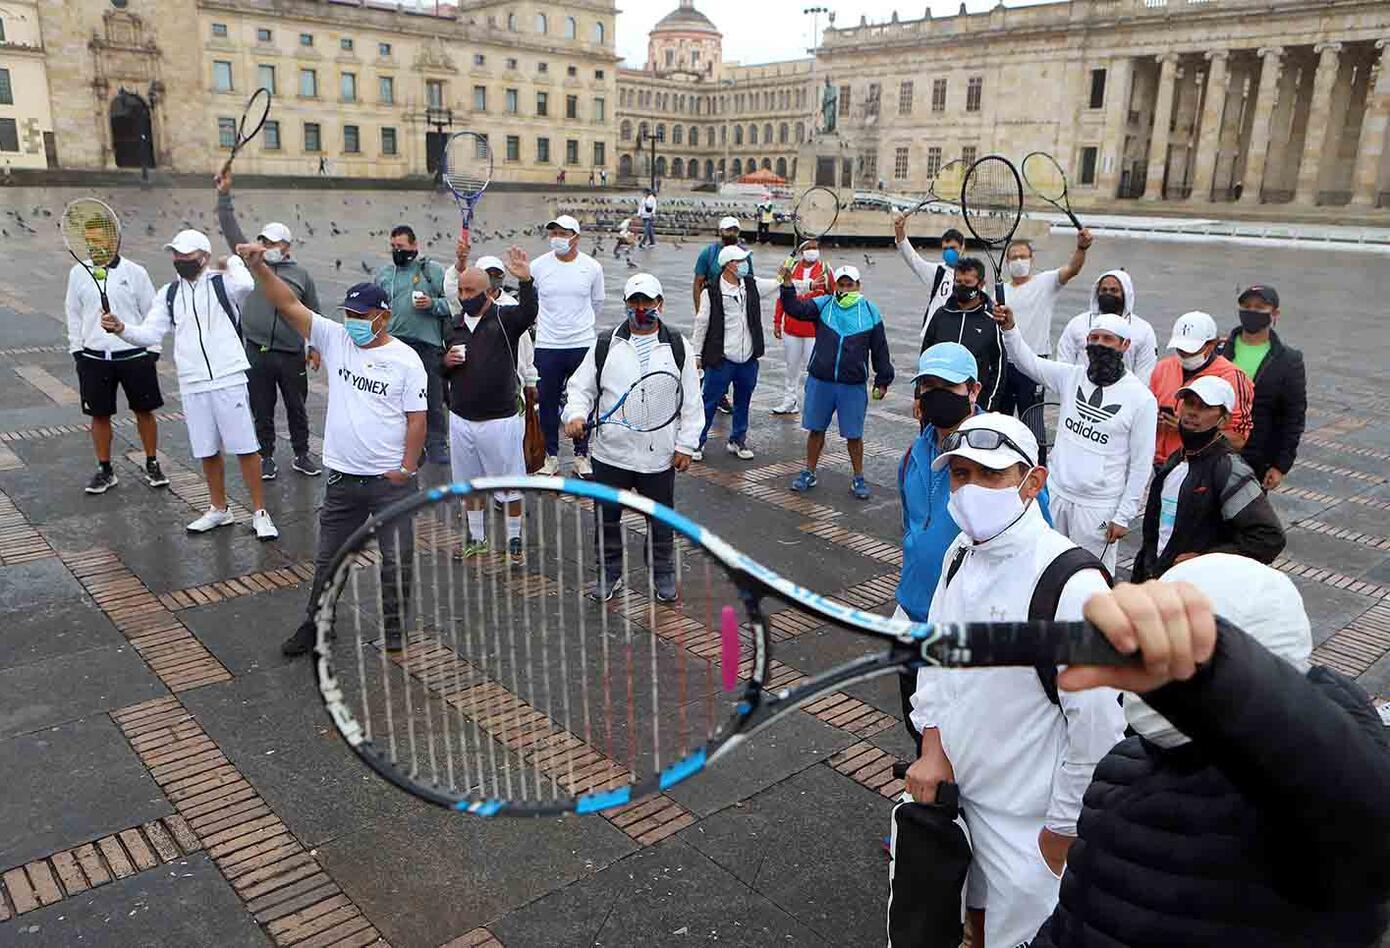 Entrenadores de tenis protestaron en la Plaza de Bolívar pidiendo que se reactive este deporte.